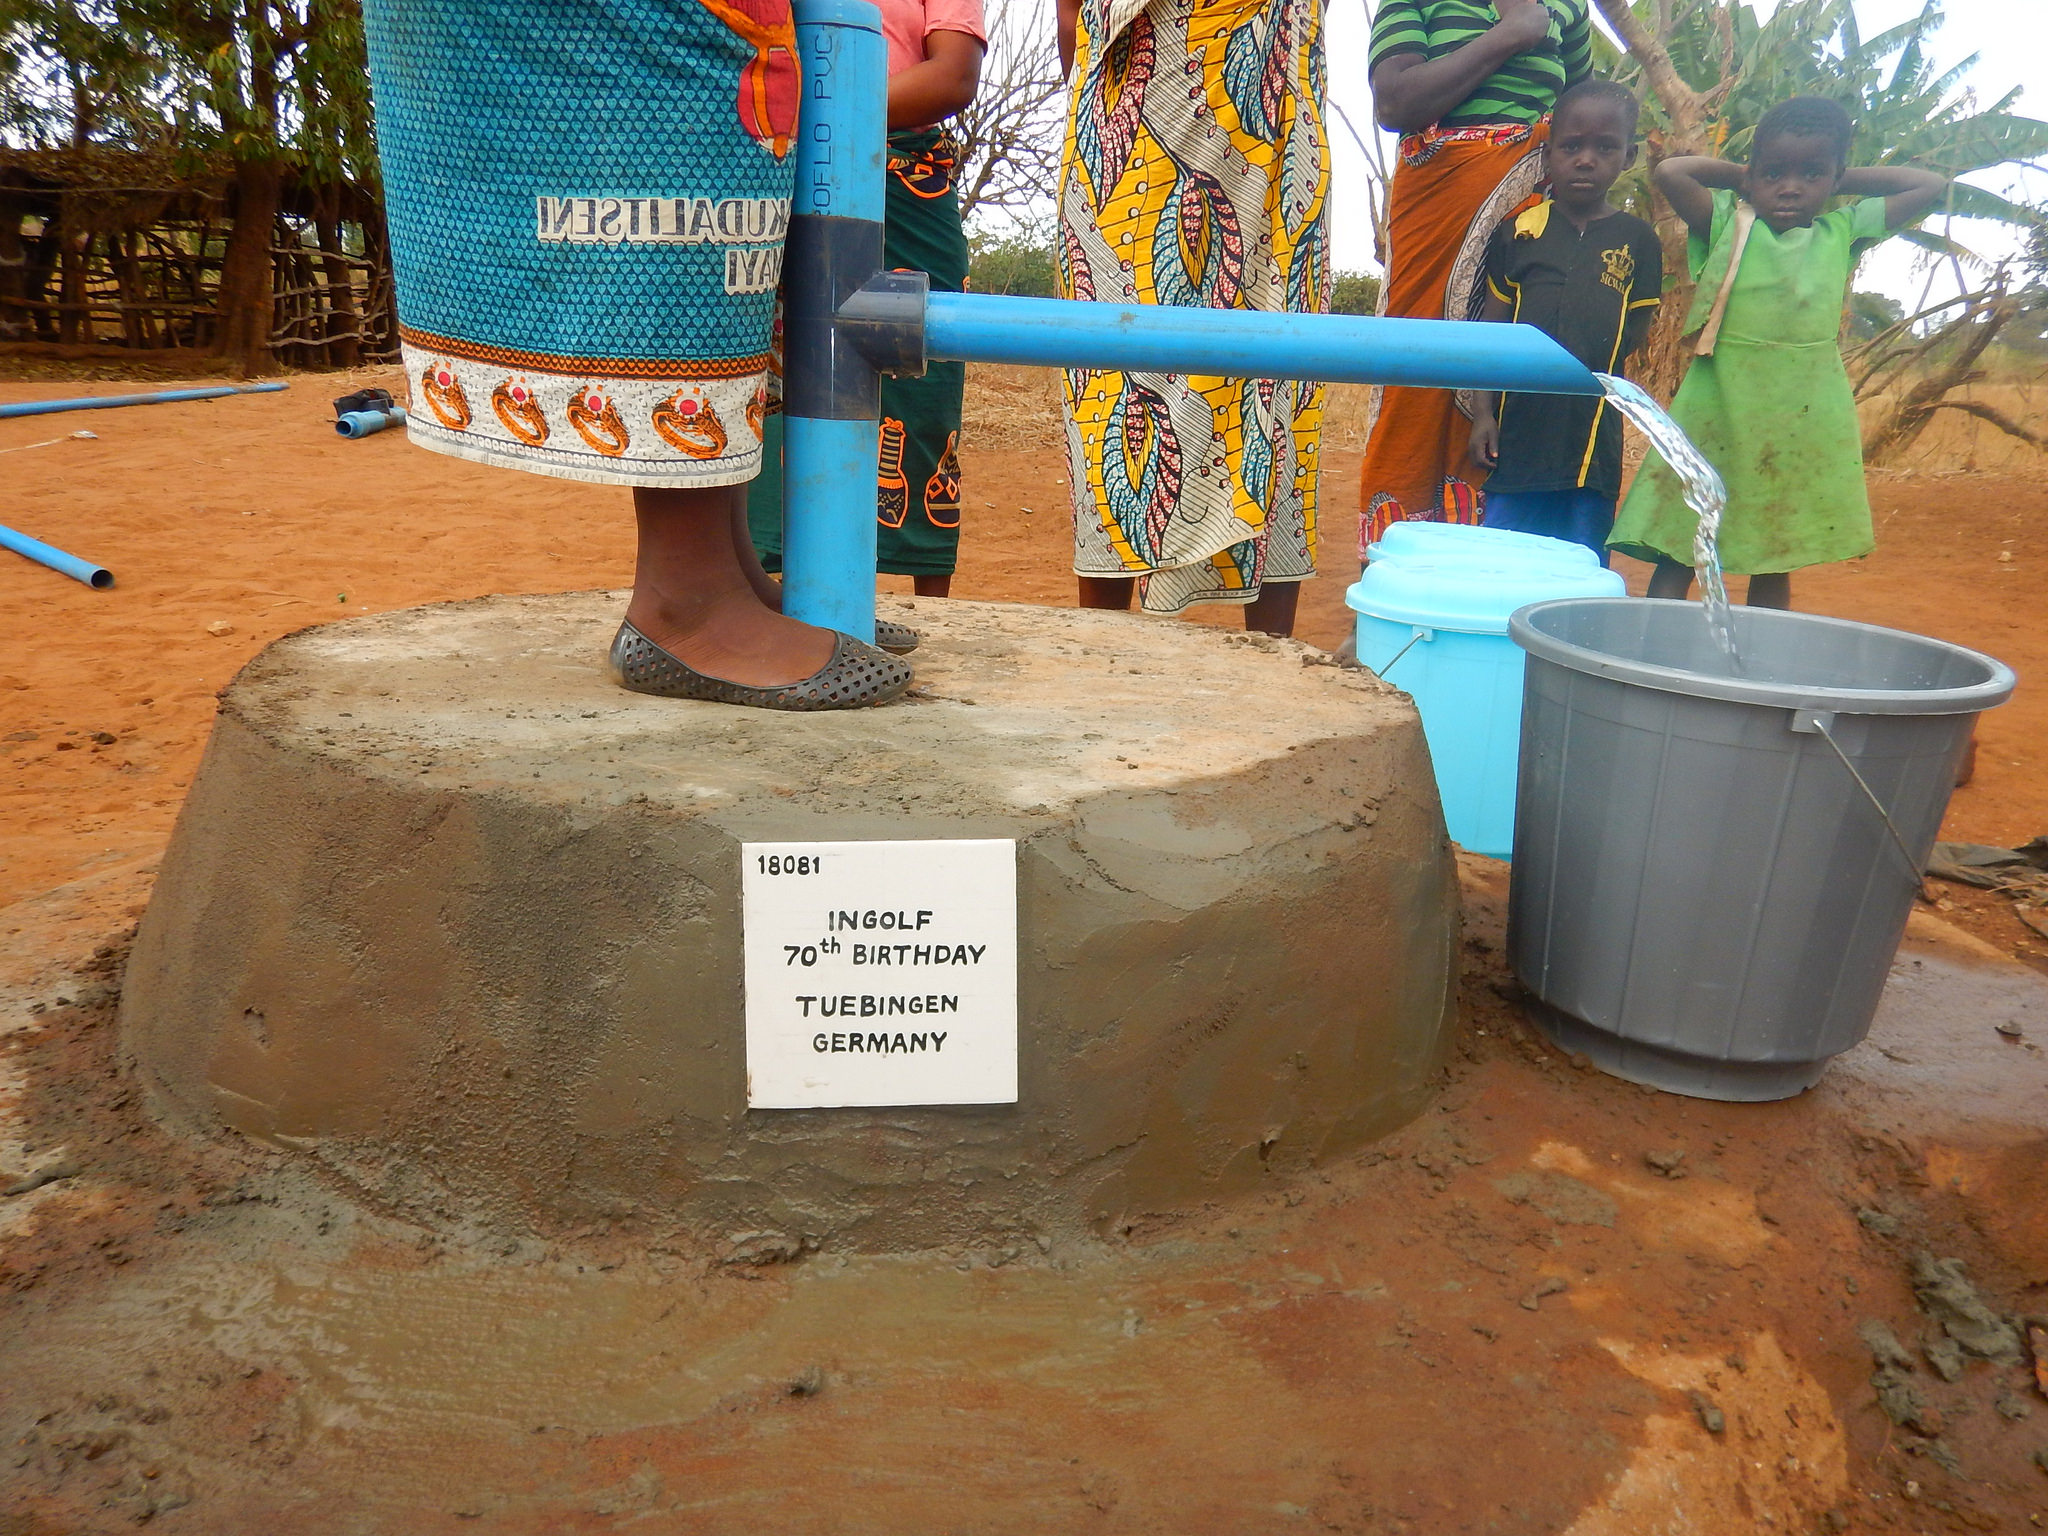 Chinyanga - pump 18081